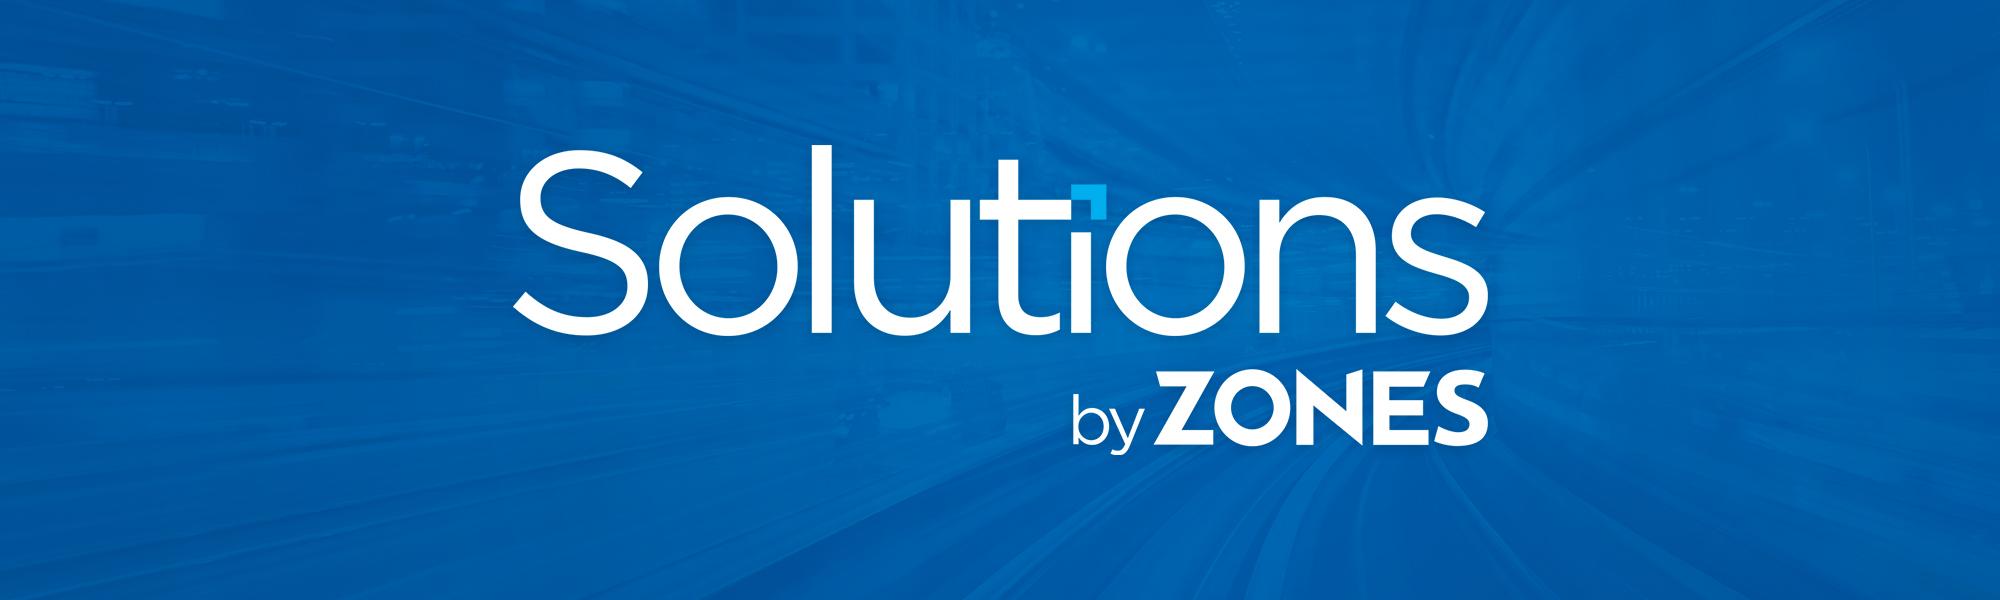 Zones Solutions Journal